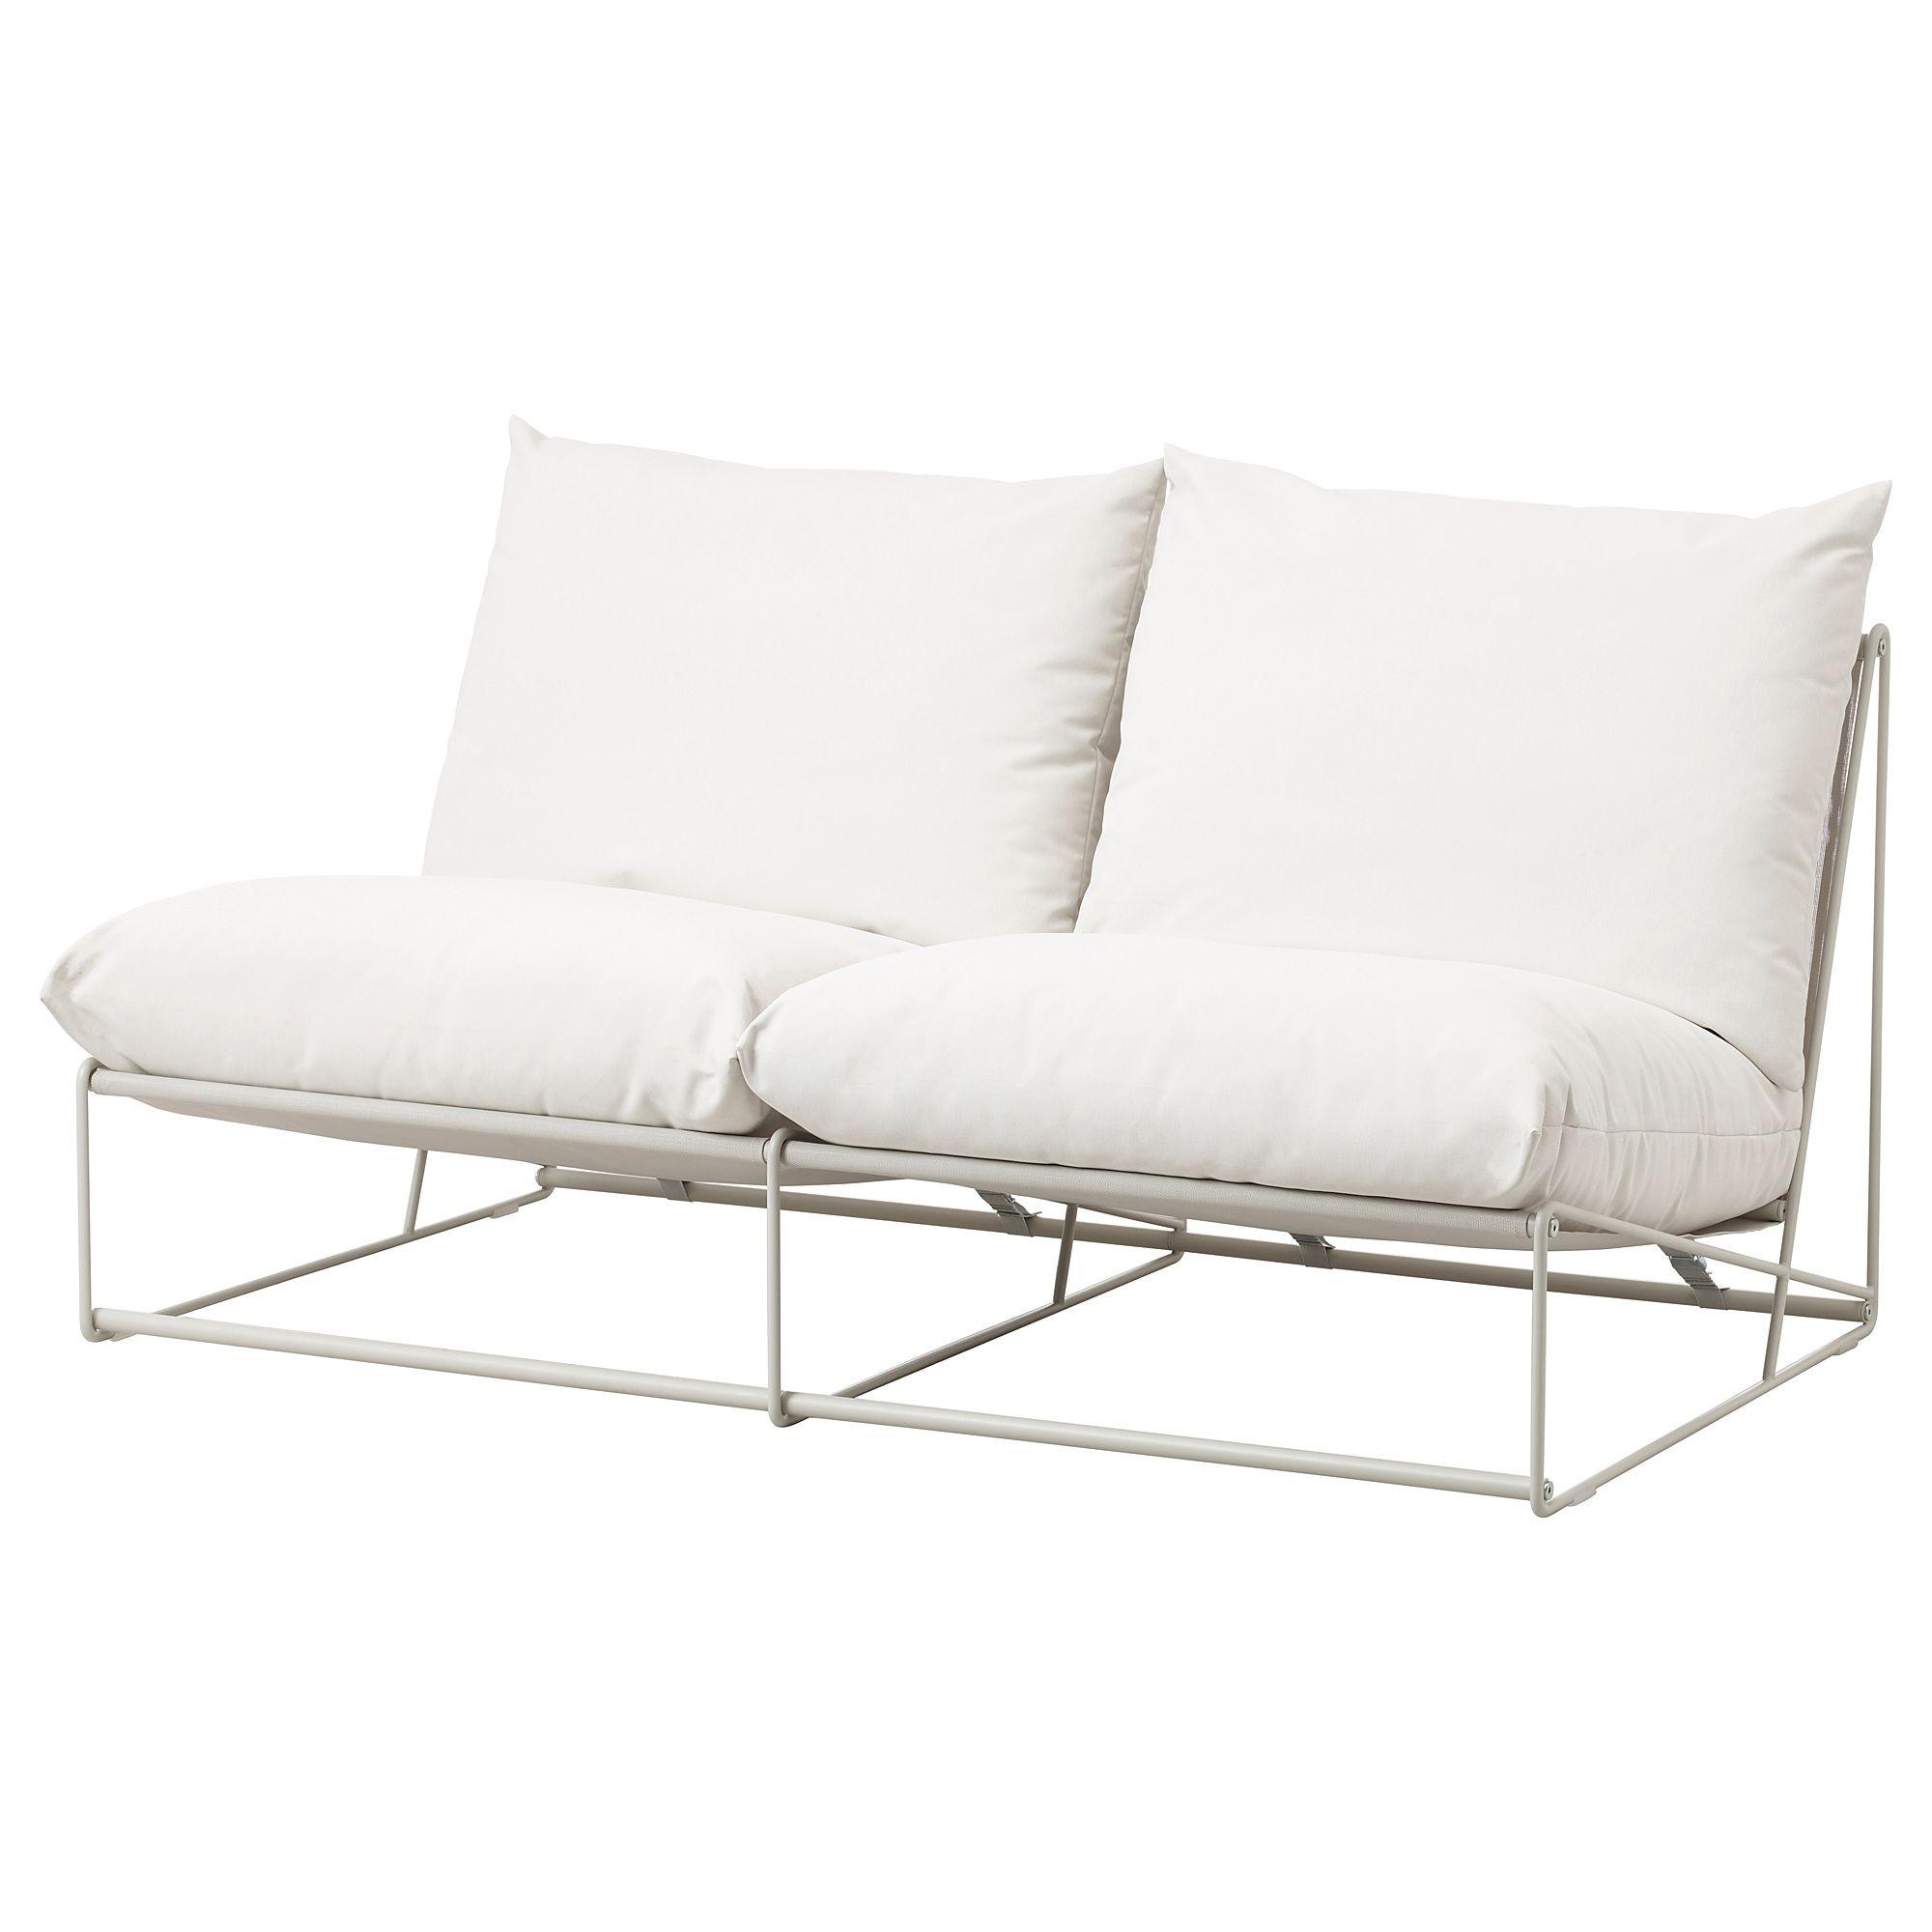 Havsten 2er Sofa Drinnen Draussen Ohne Armlehnen Ohne Abschluss Beige Ikea Deutschland Amorini Divani Cuscini Divano